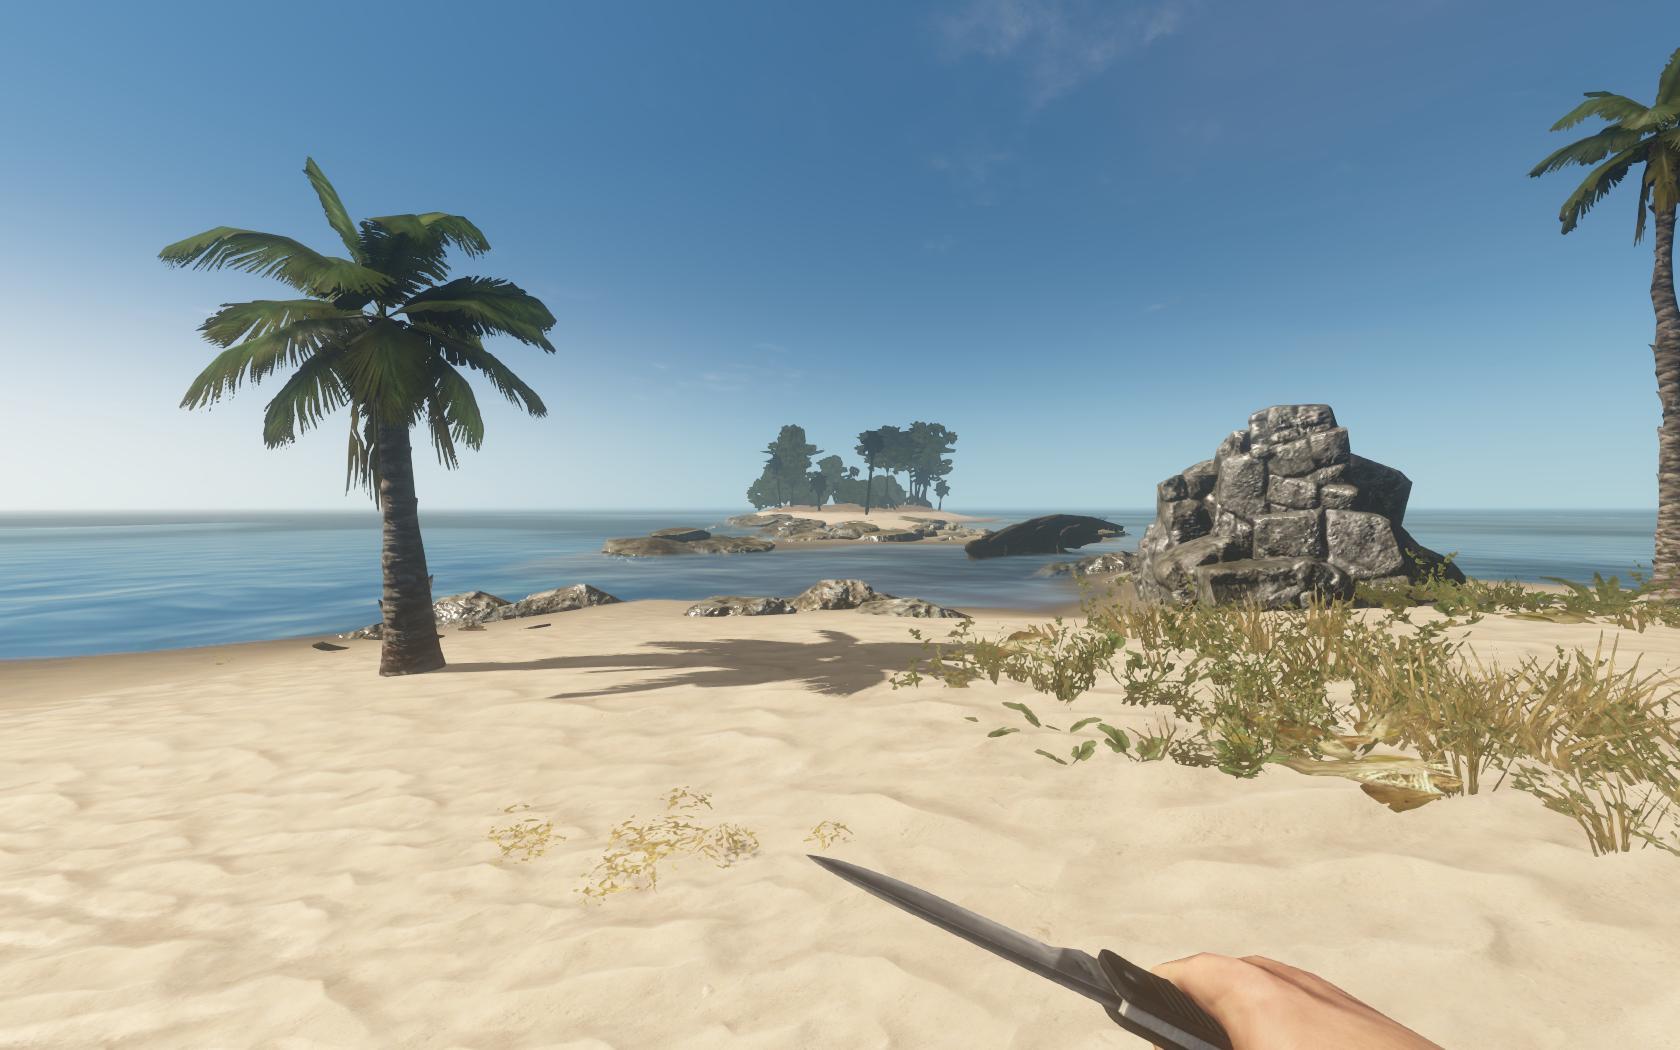 如何荒岛求生-求个荒岛求生的游戏